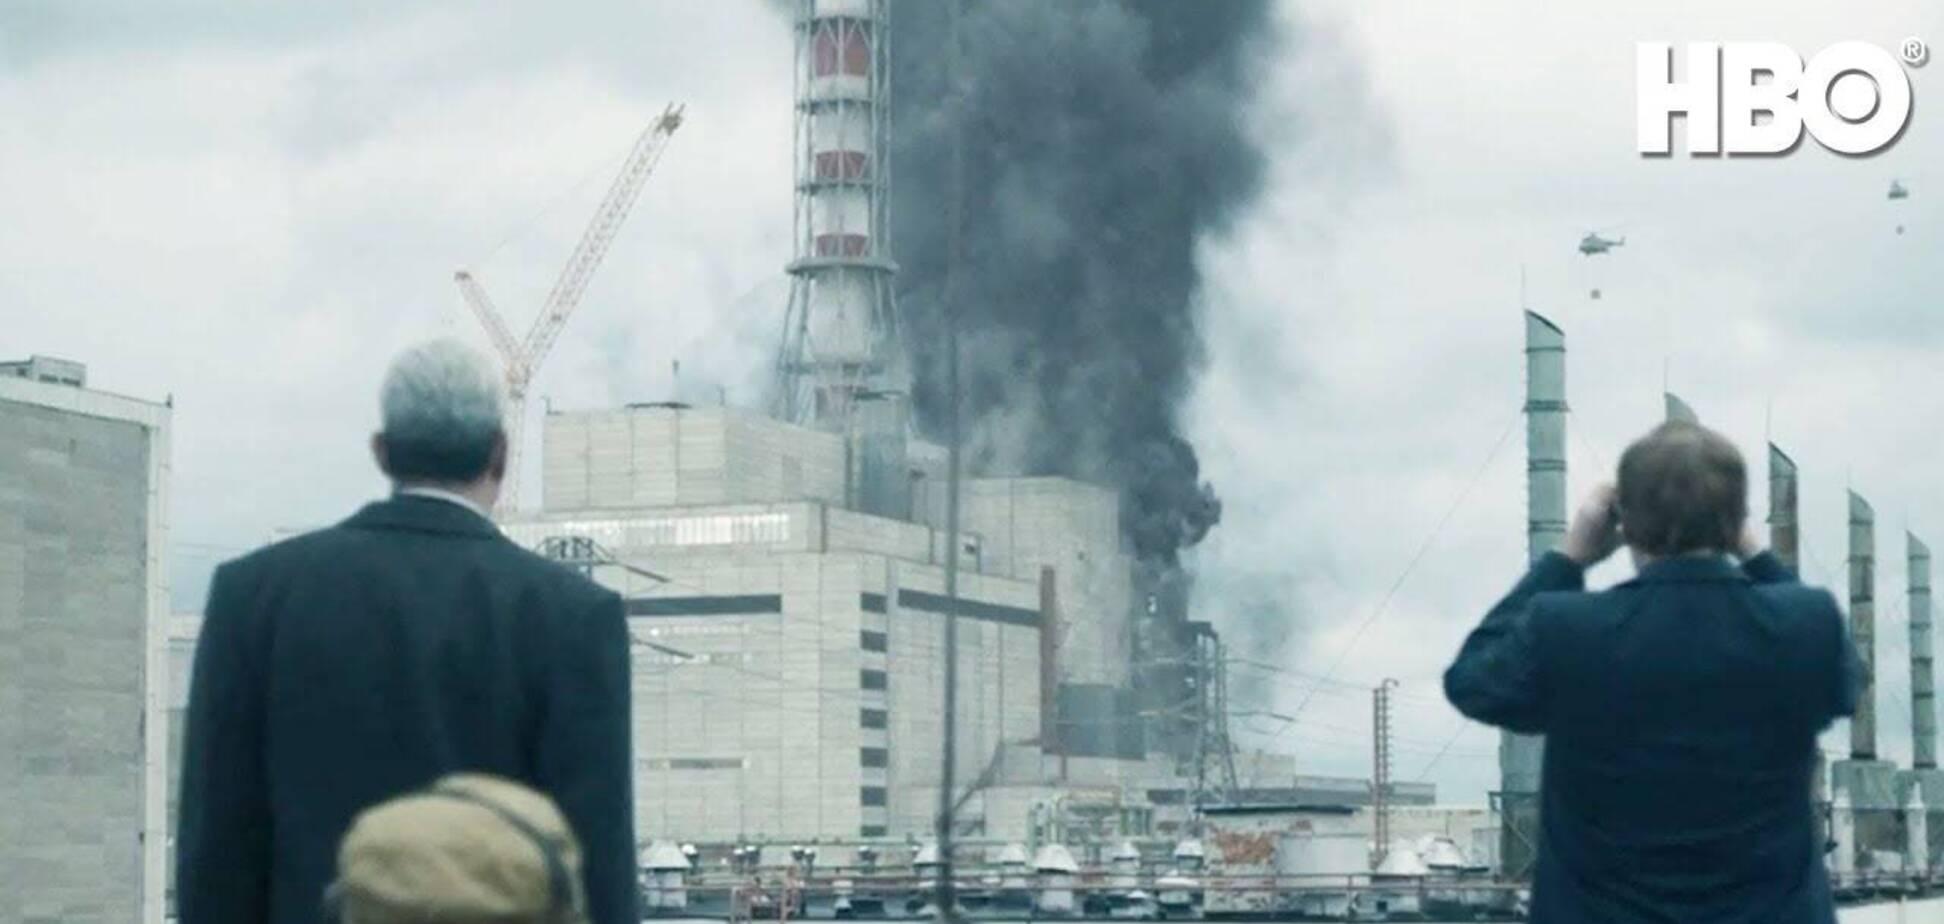 Серіал Чорнобиль виграв 7 нагород BAFTA